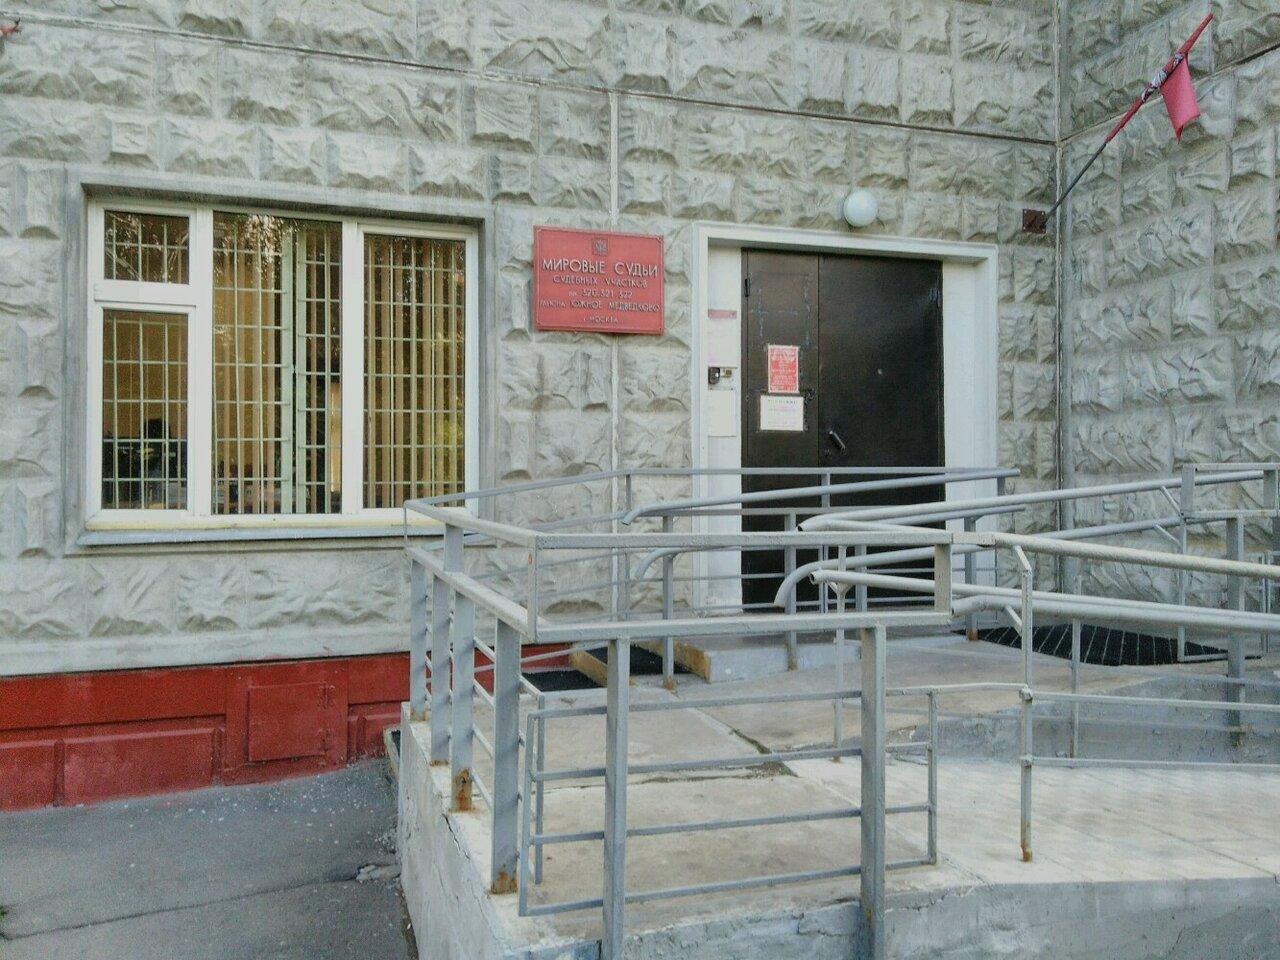 361 судебный участок москва